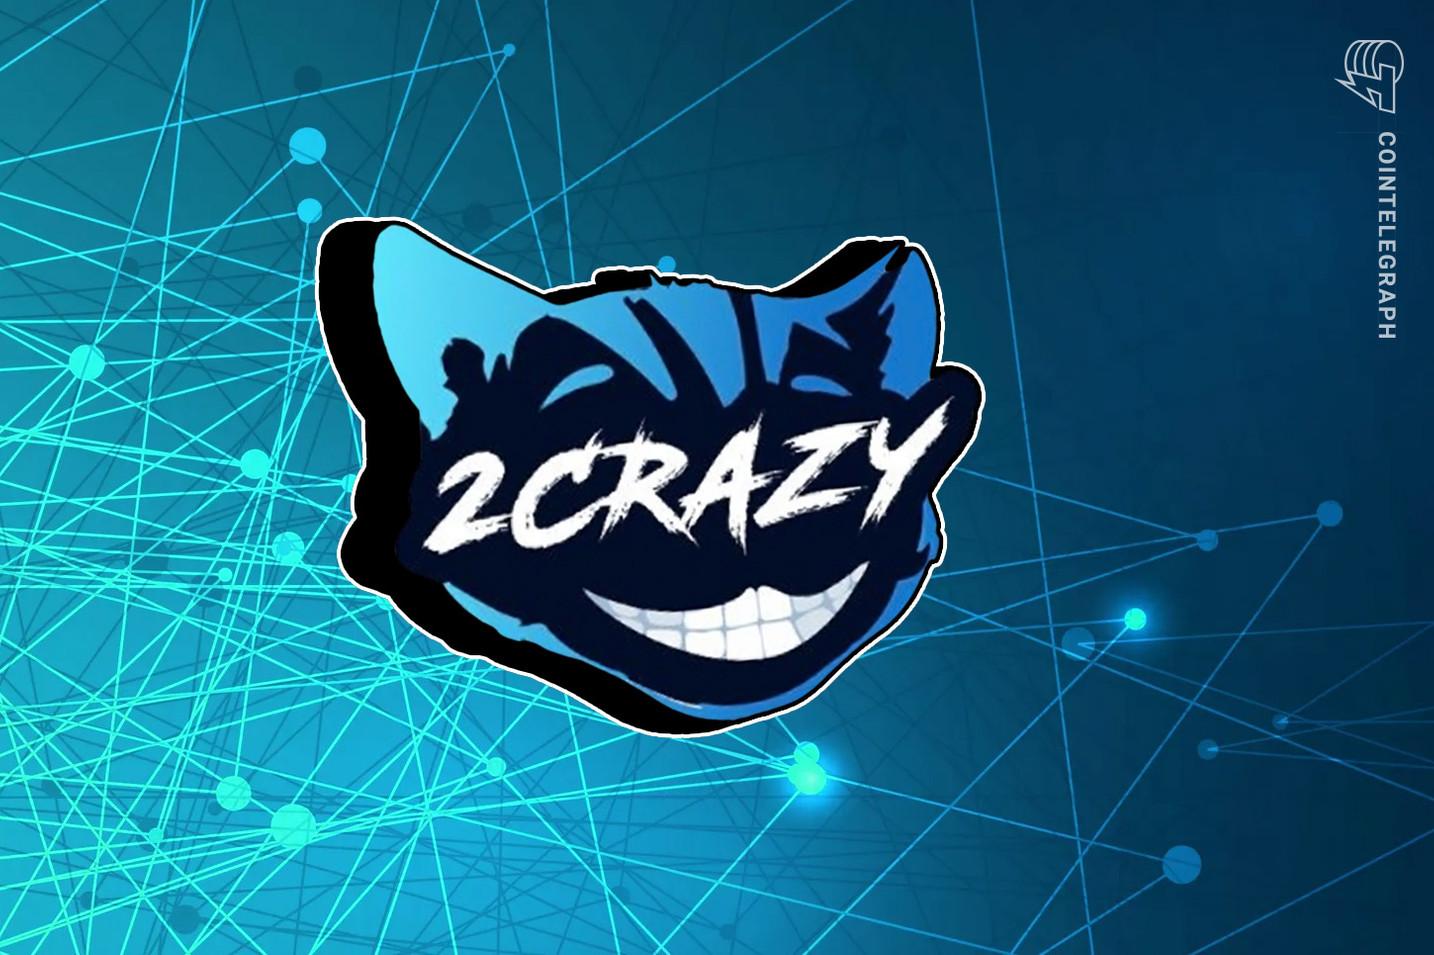 NFT esports platform 2CrazyNFT raises $1.7M